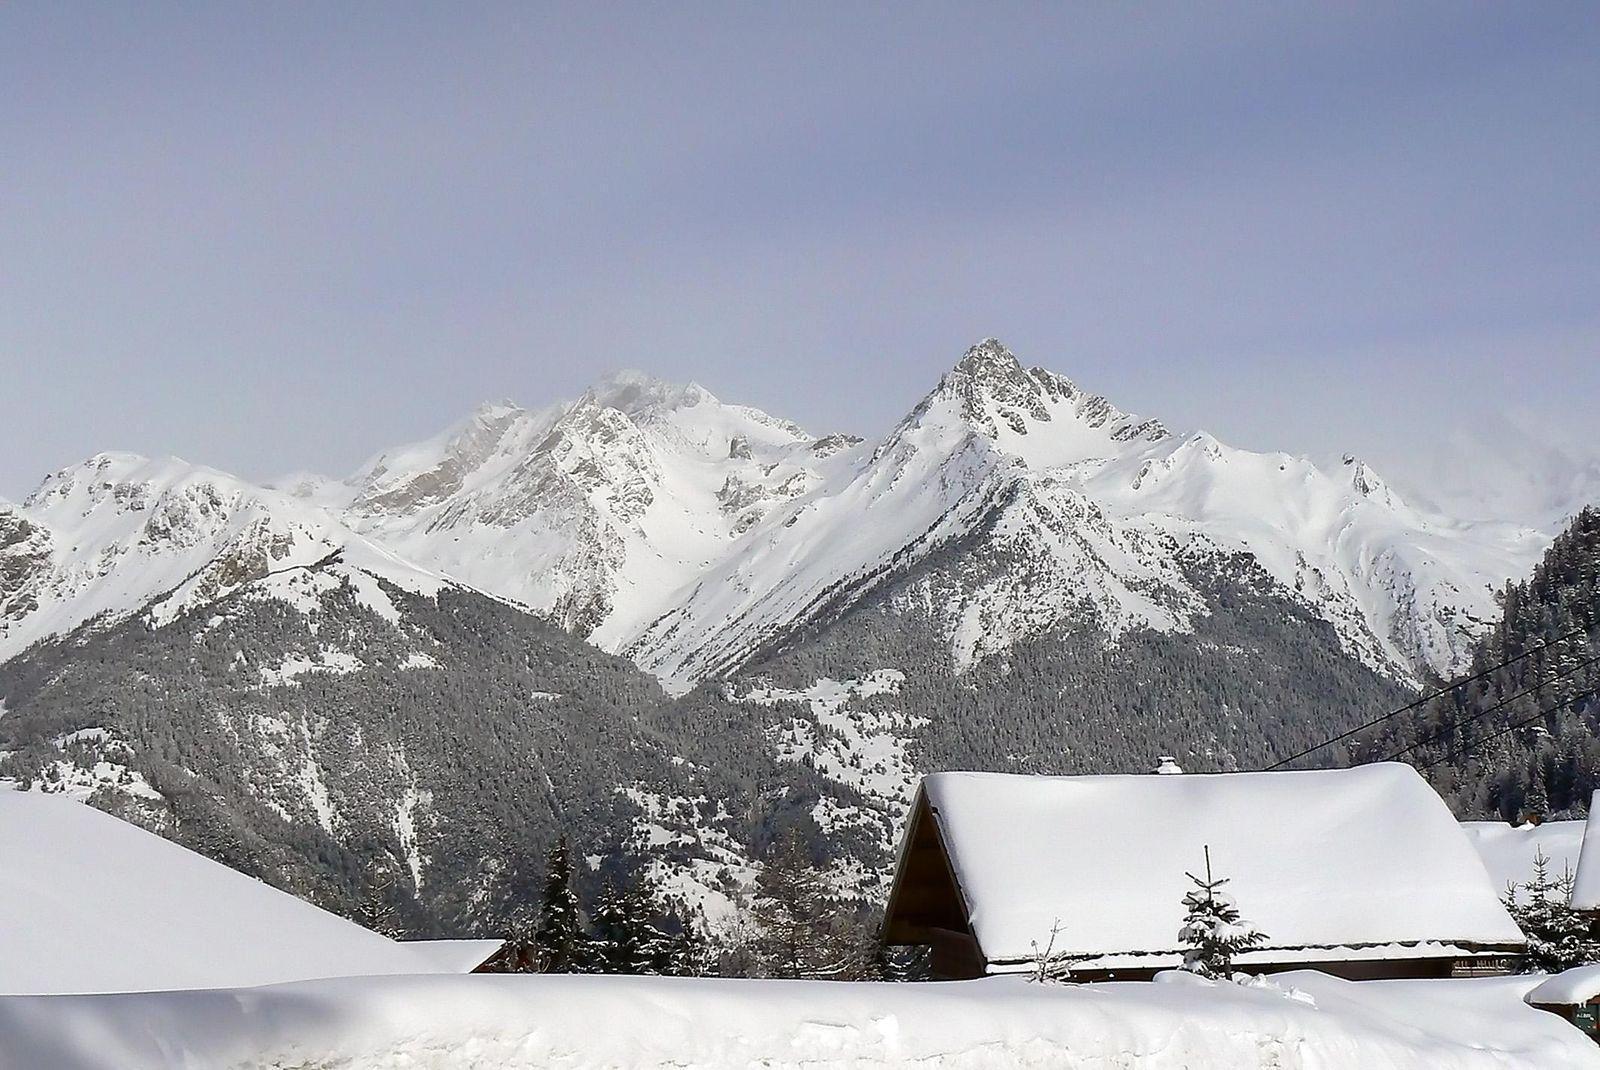 Station de ski de Valfrejus_Modane (1)